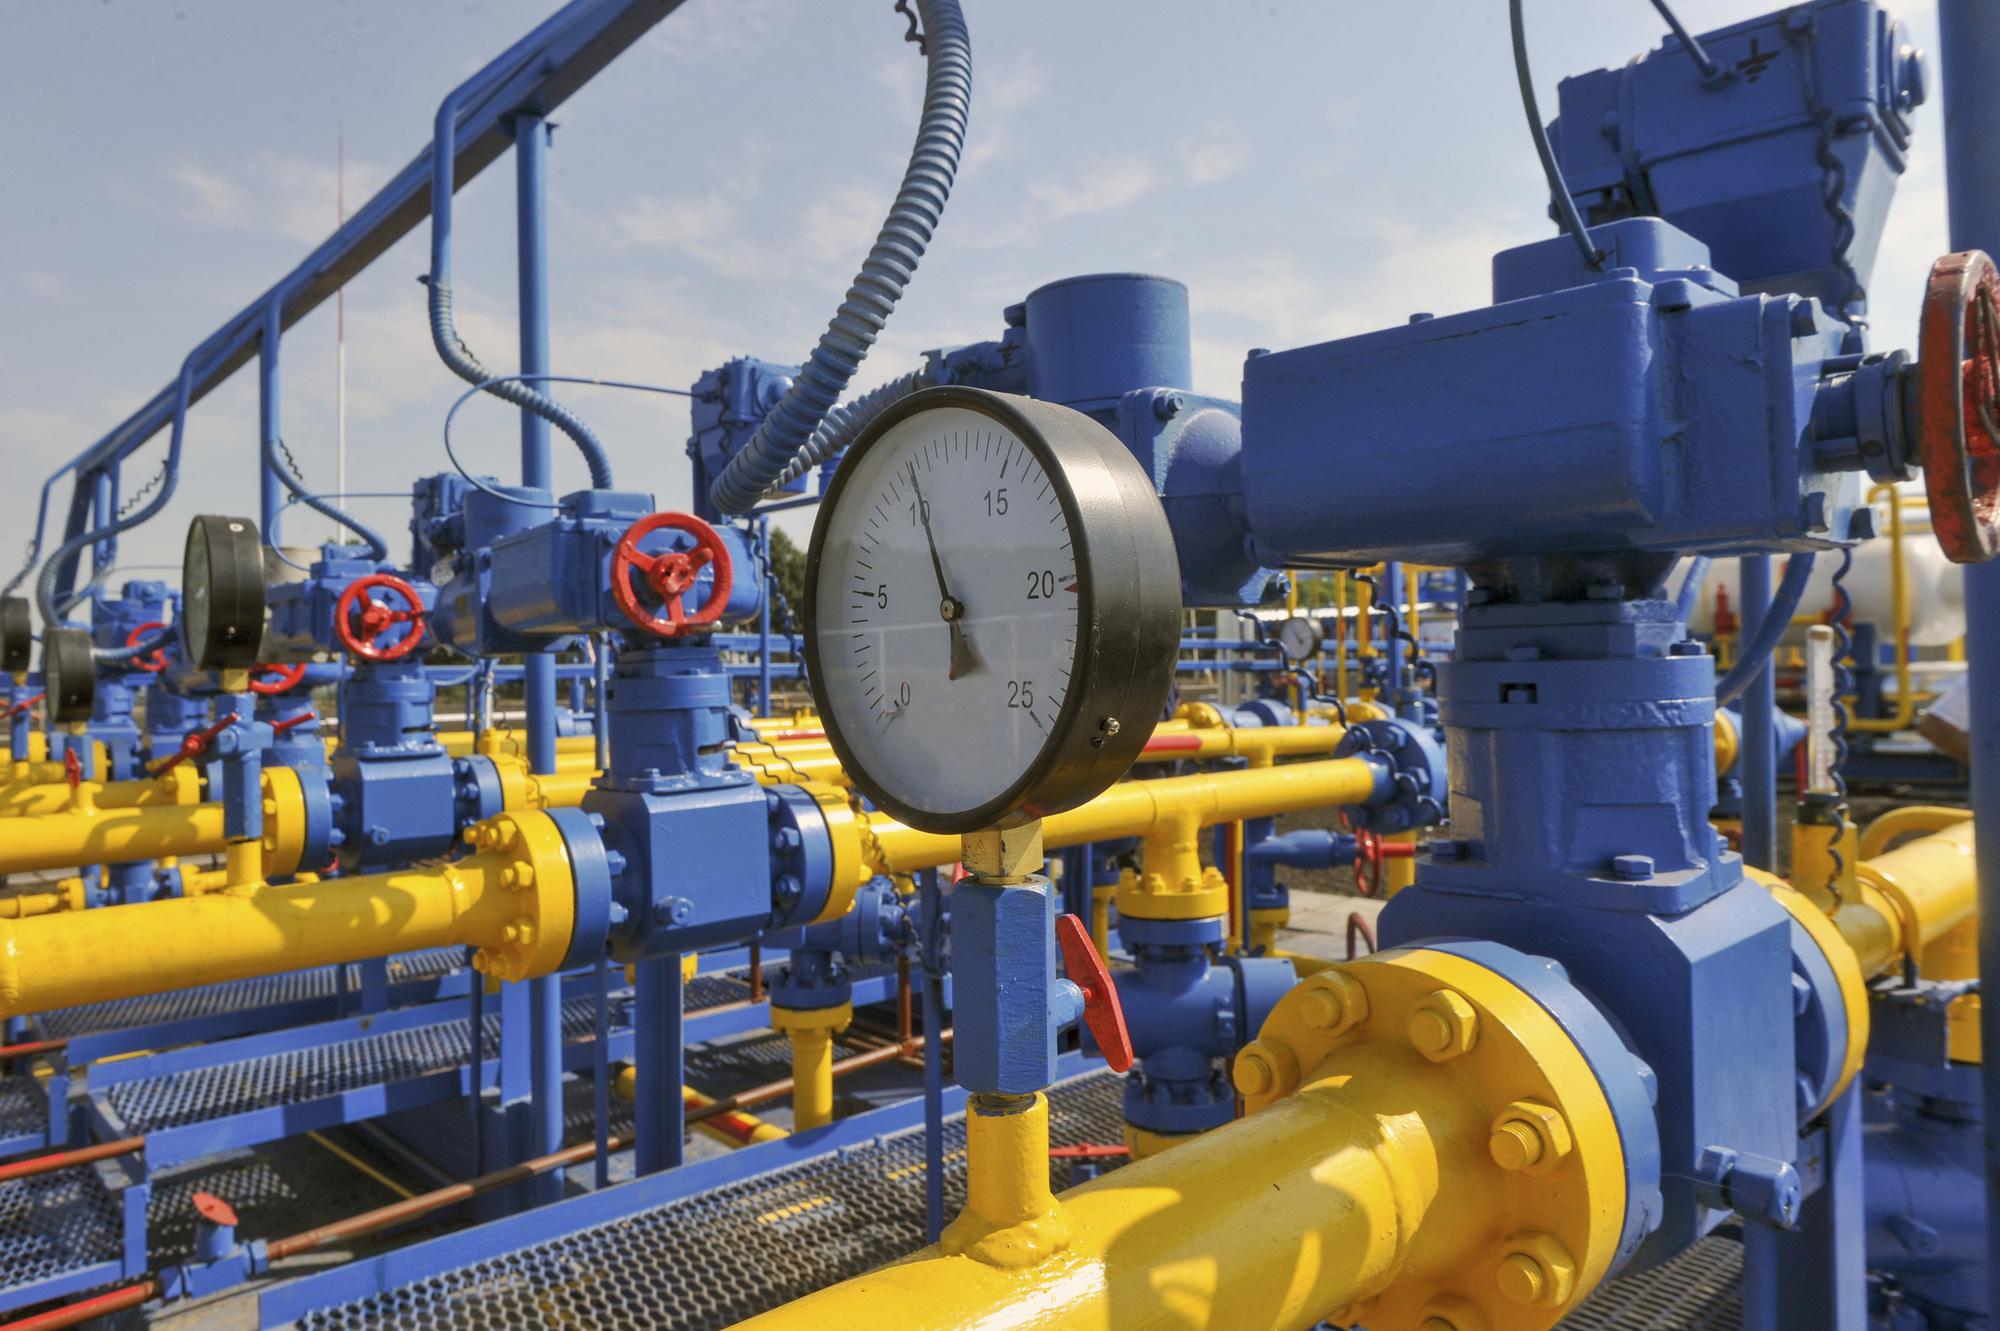 Giá gas hôm nay 18/3: Giá gas gần chạm đáy 4 năm do lượng dự trữ tăng cao - Ảnh 1.